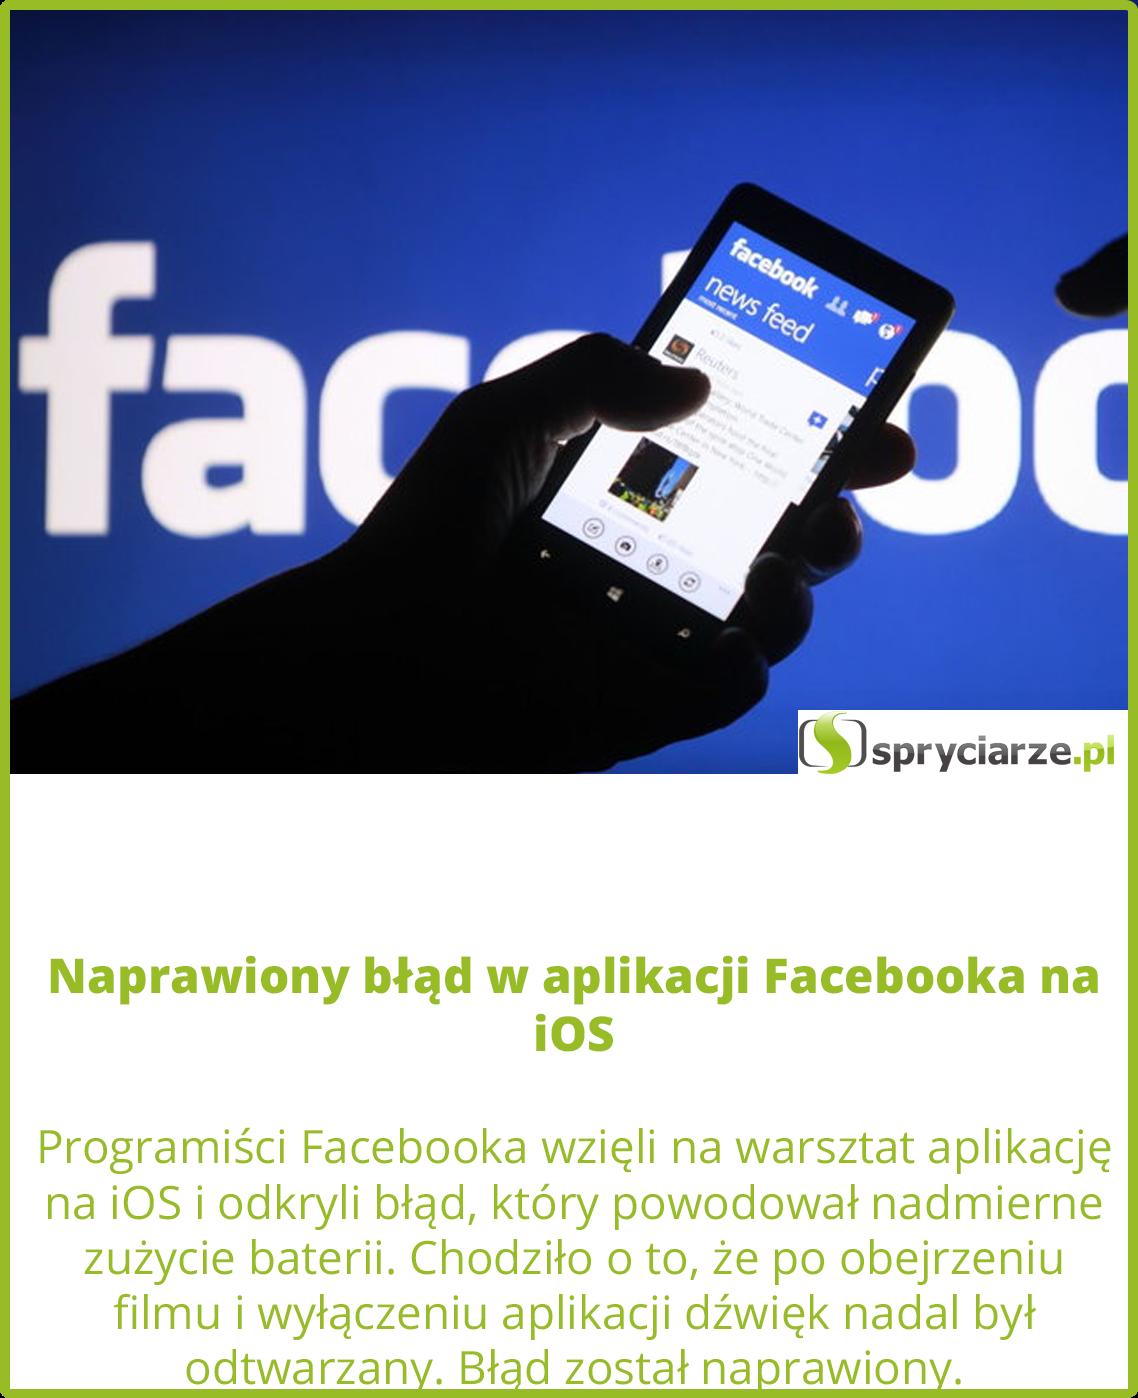 Naprawiony błąd w aplikacji Facebooka na iOS